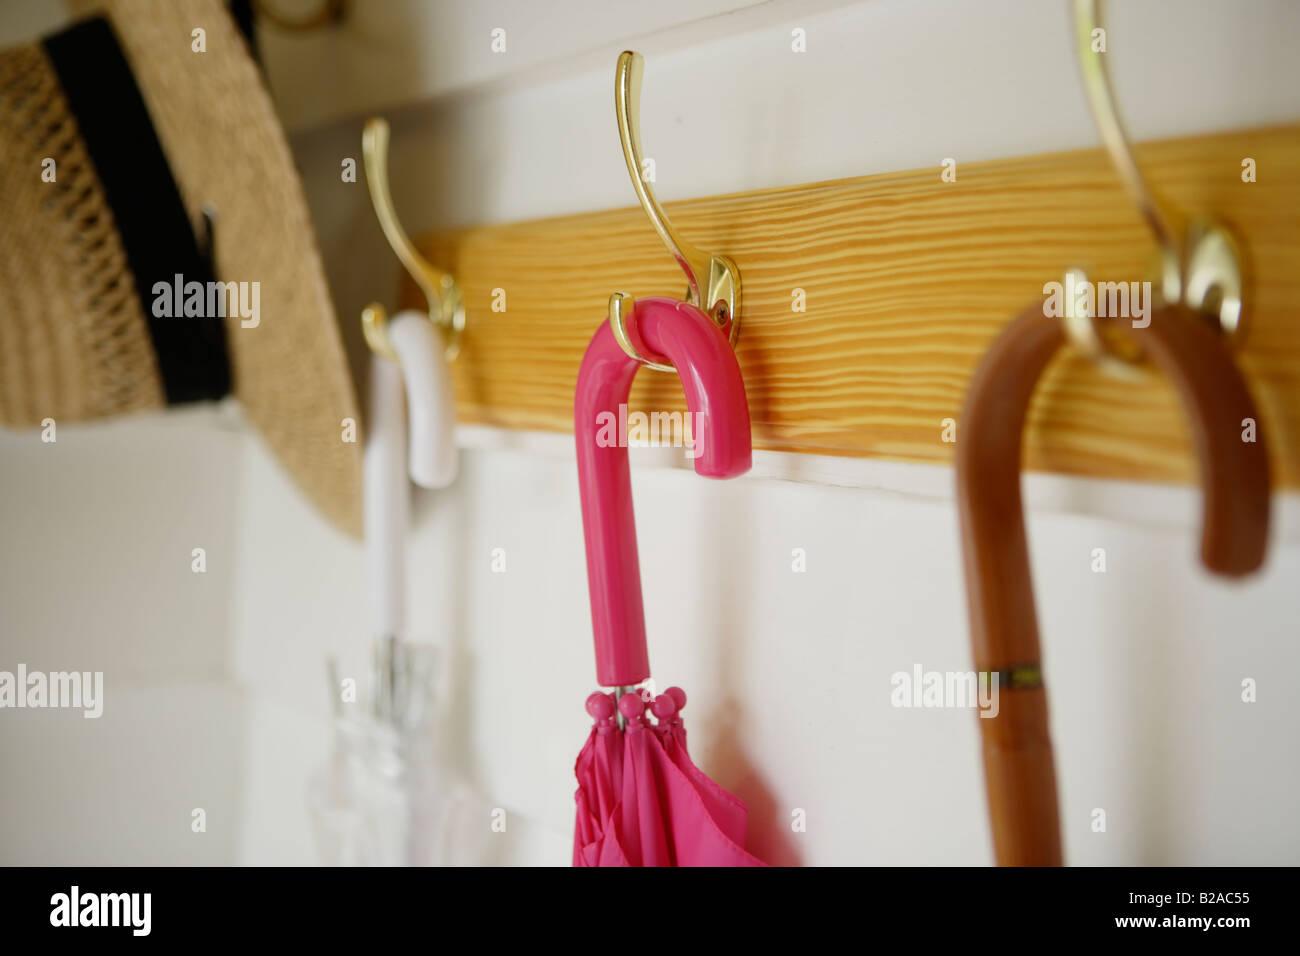 Sonnenschirme und Strohhut von Kleiderständer hängen Stockbild